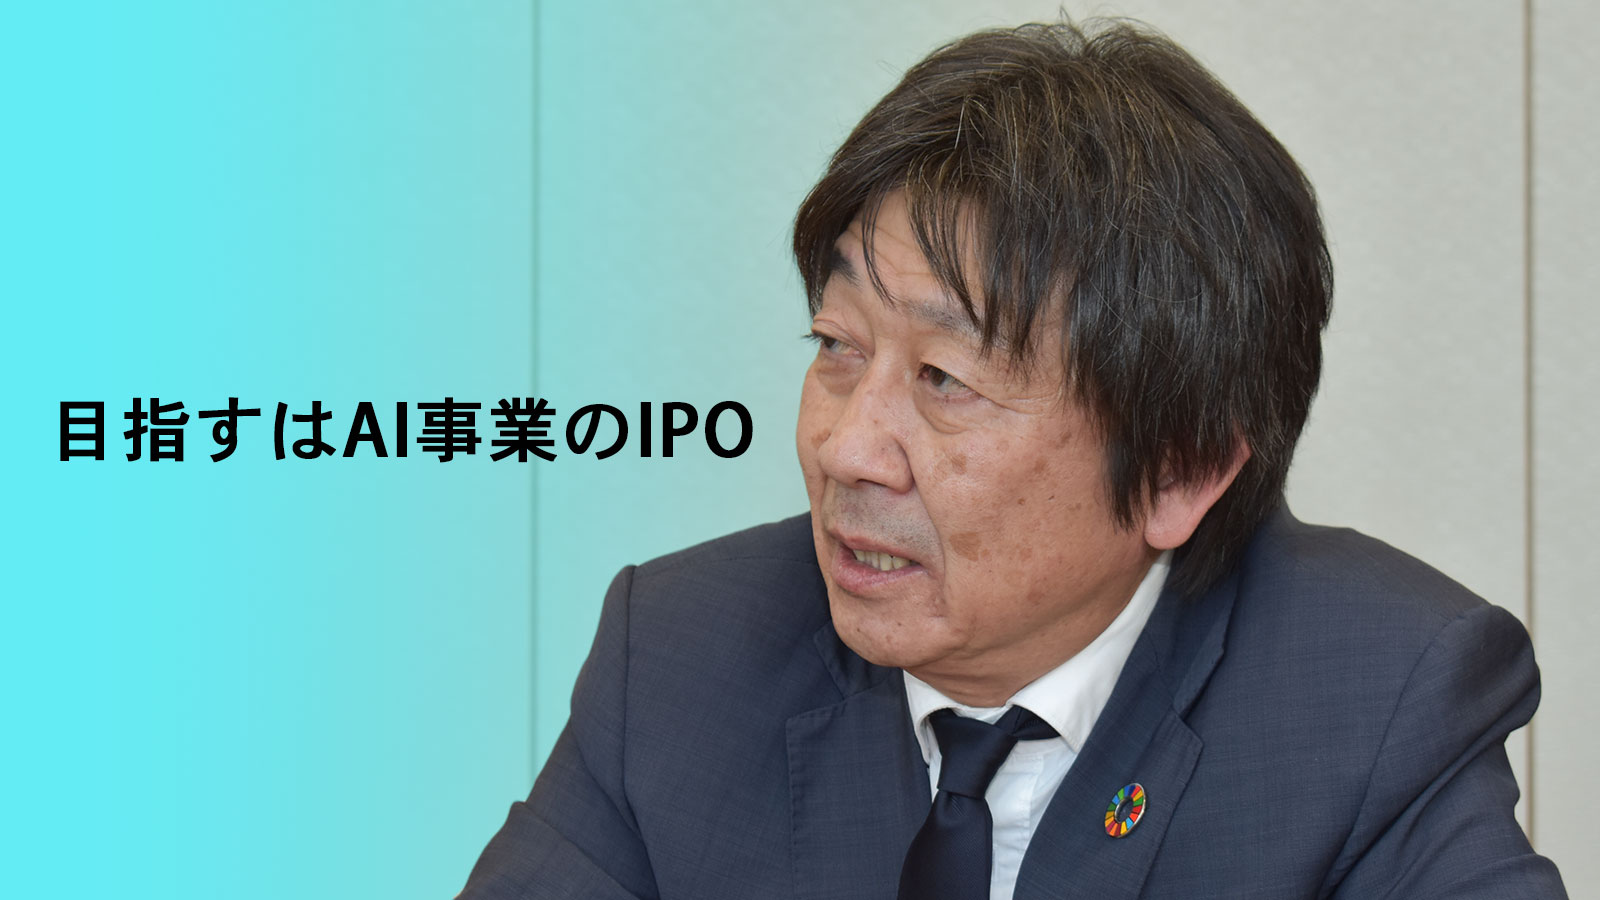 愛知県の自動車部品メーカーがオープンイノベーションで目指す新規事業開発